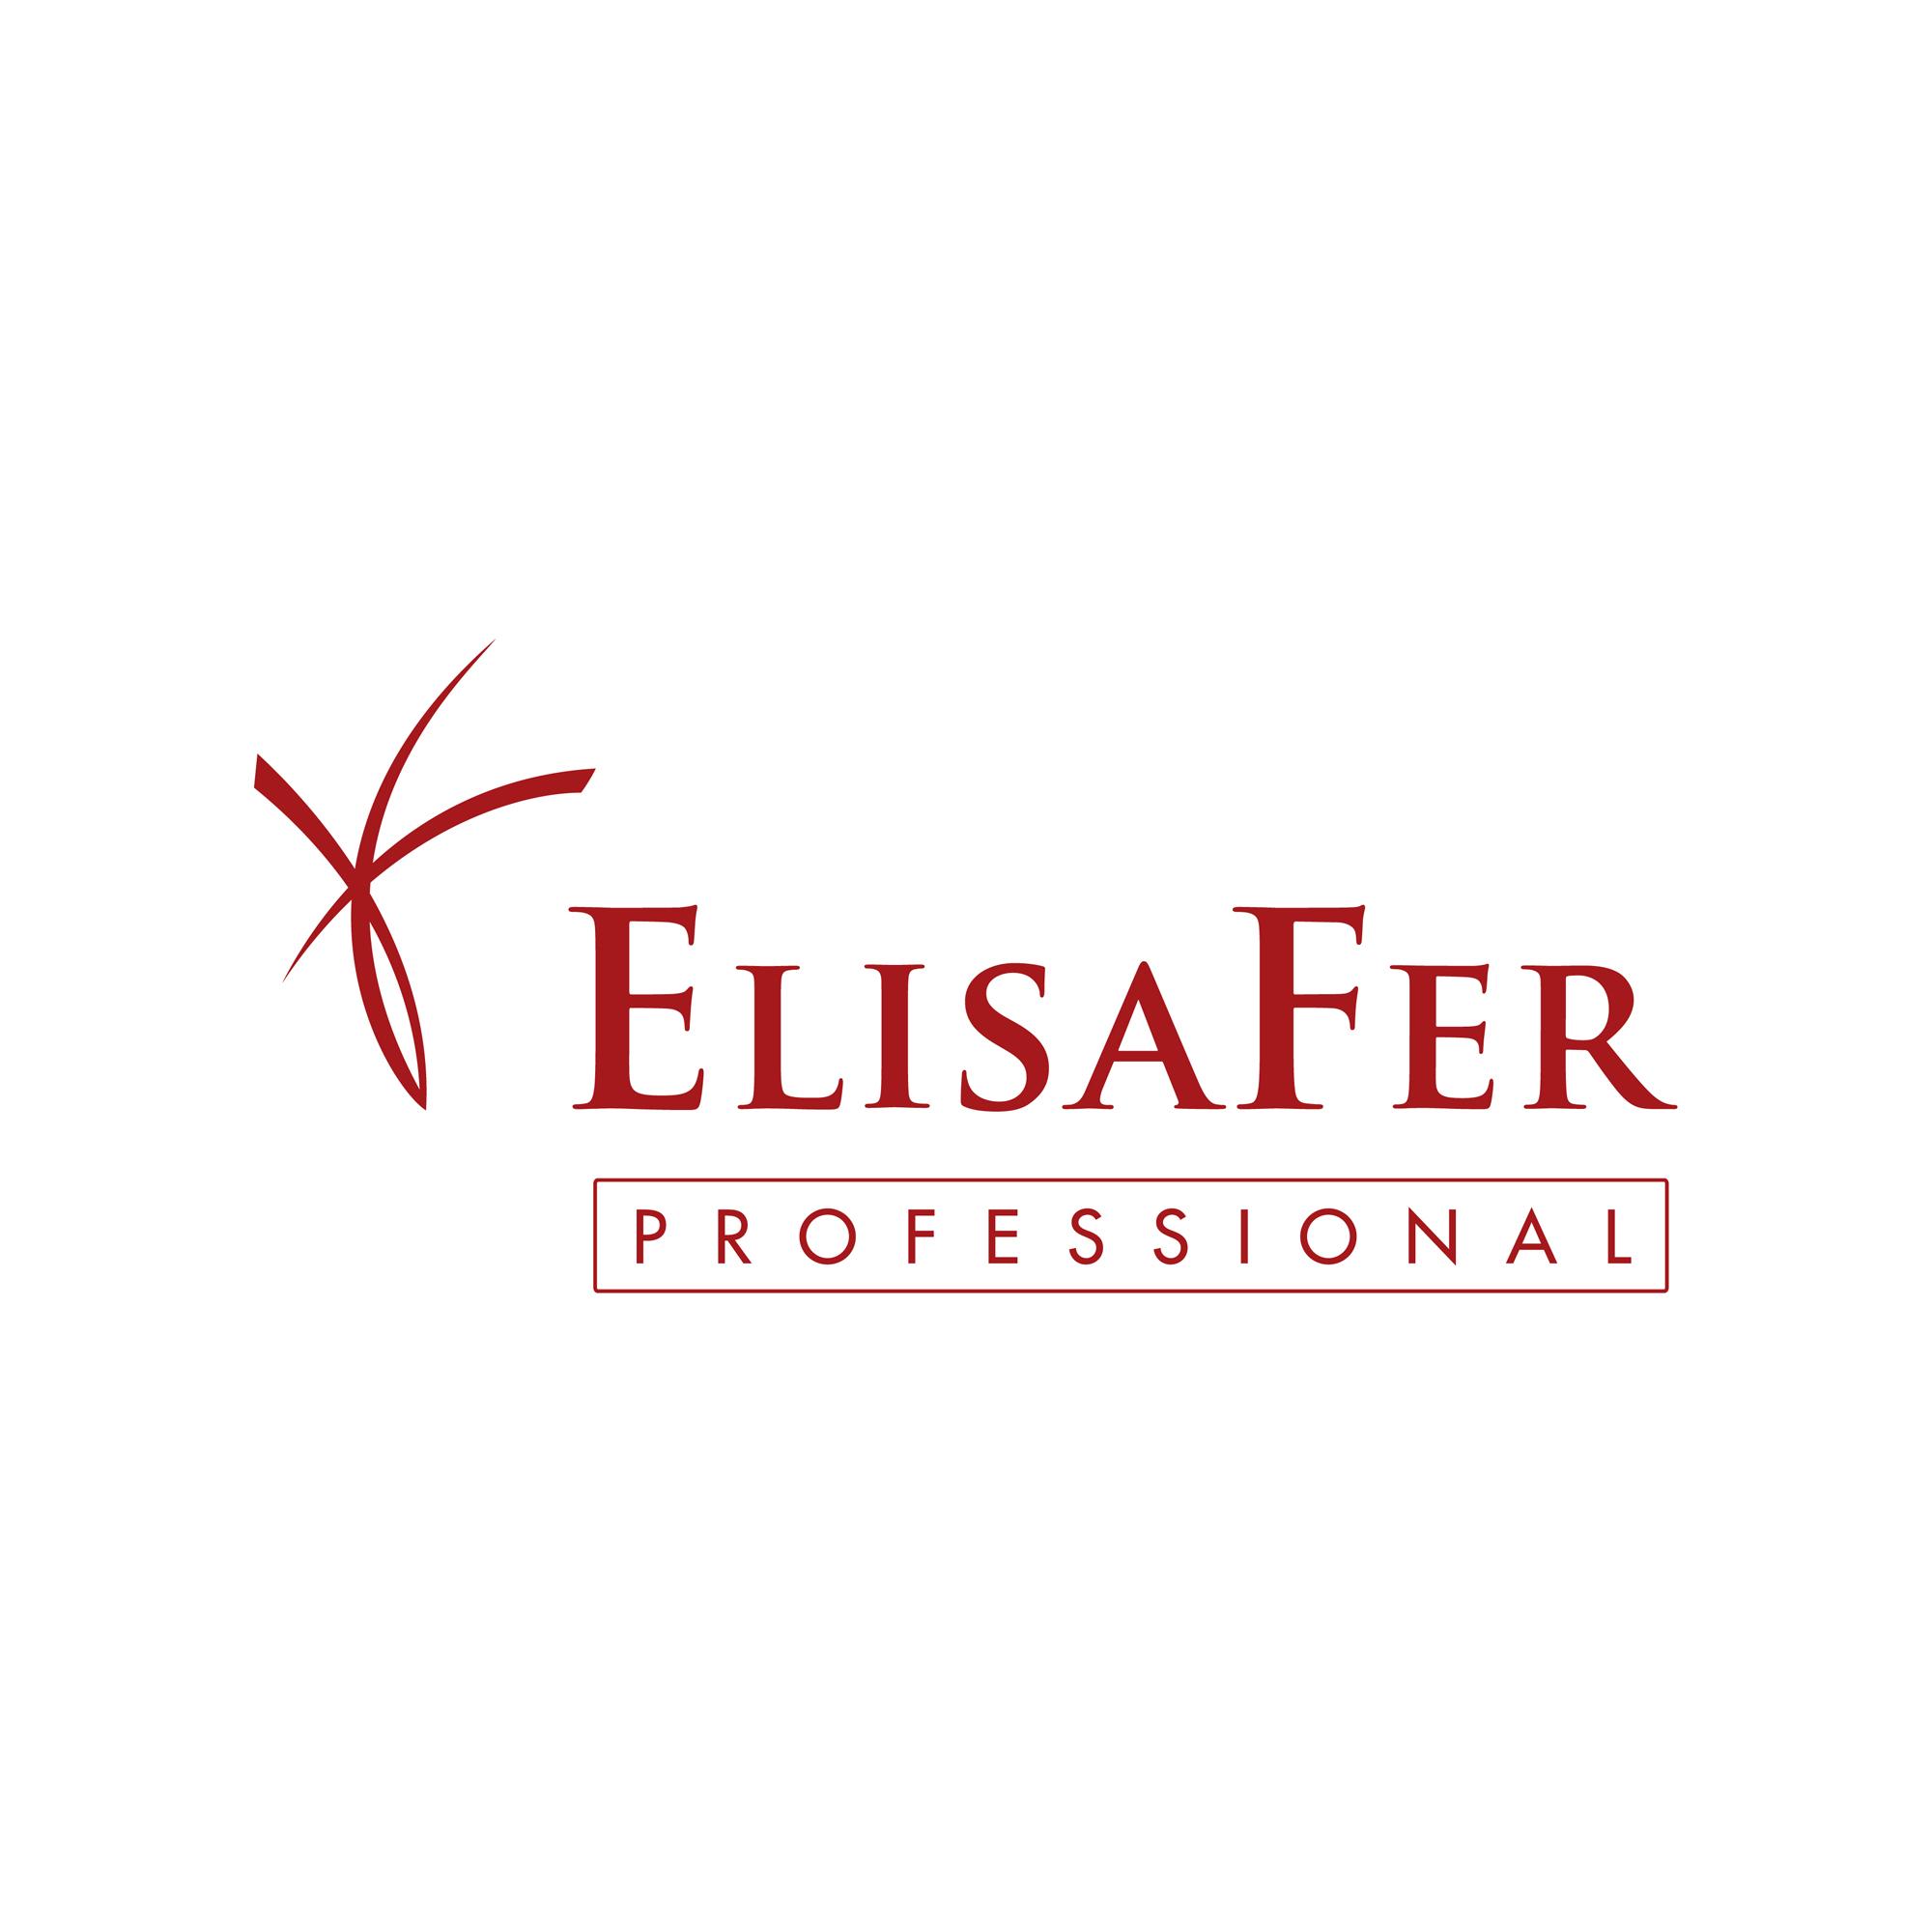 ElisaFer